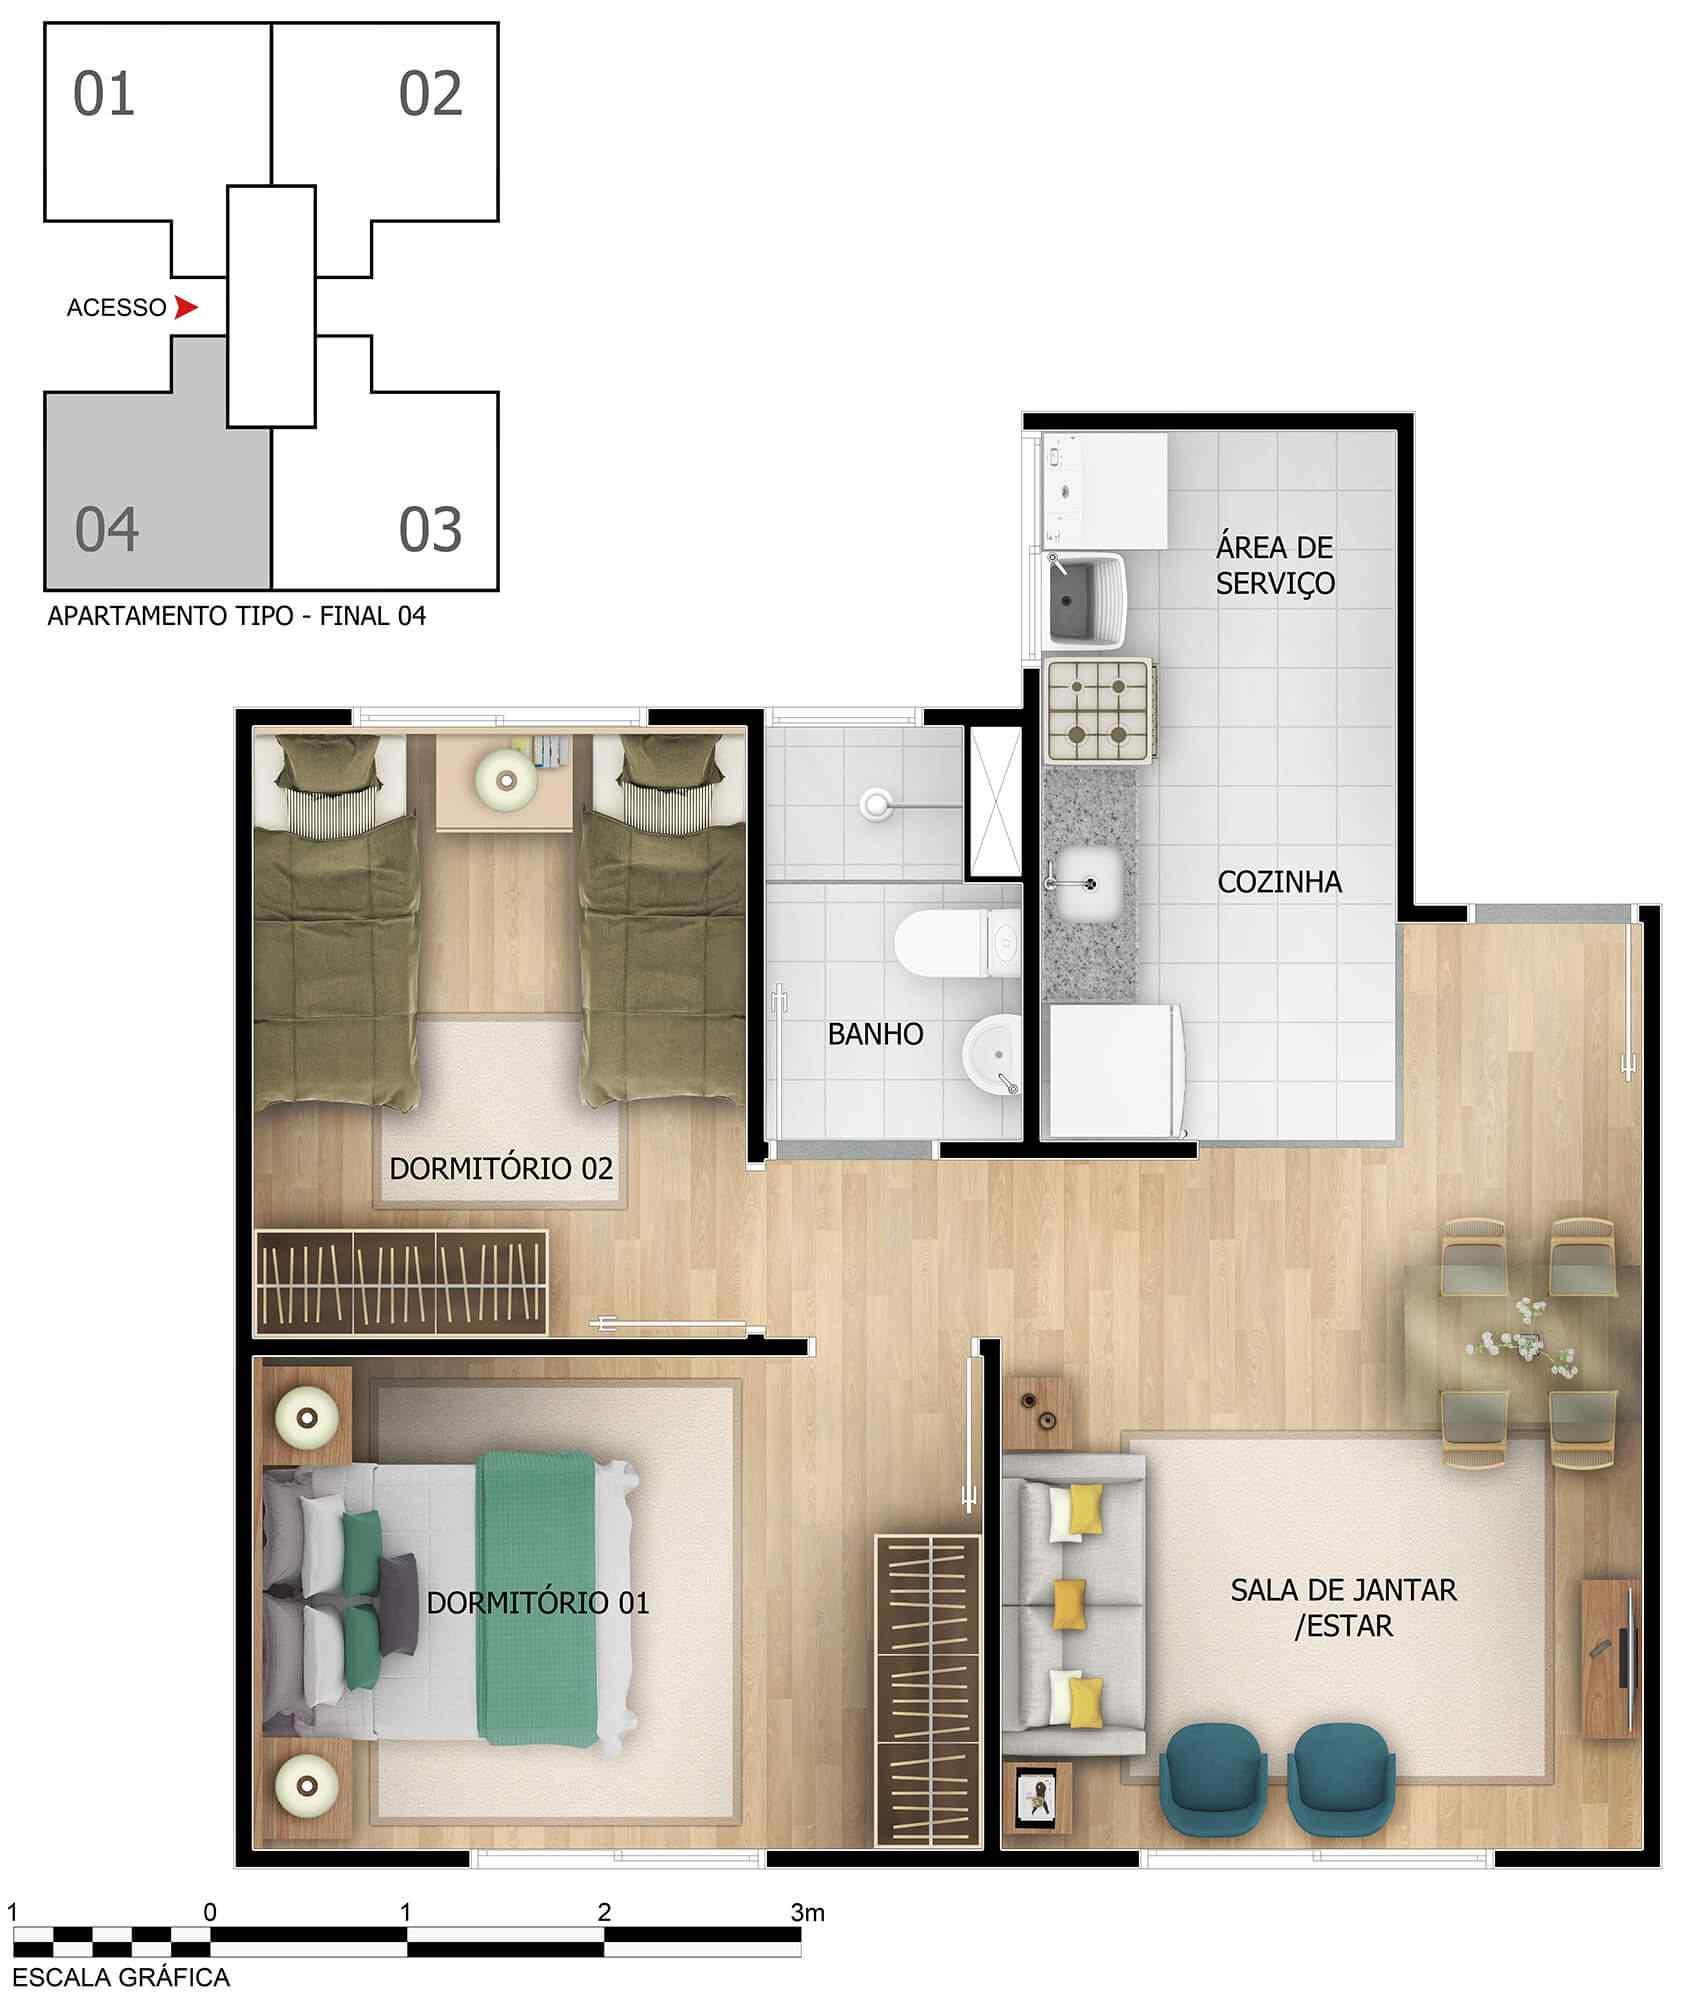 Planta de apartamento em Vila Alencar | Fortaleza | CE | planta 1 | tenda.com